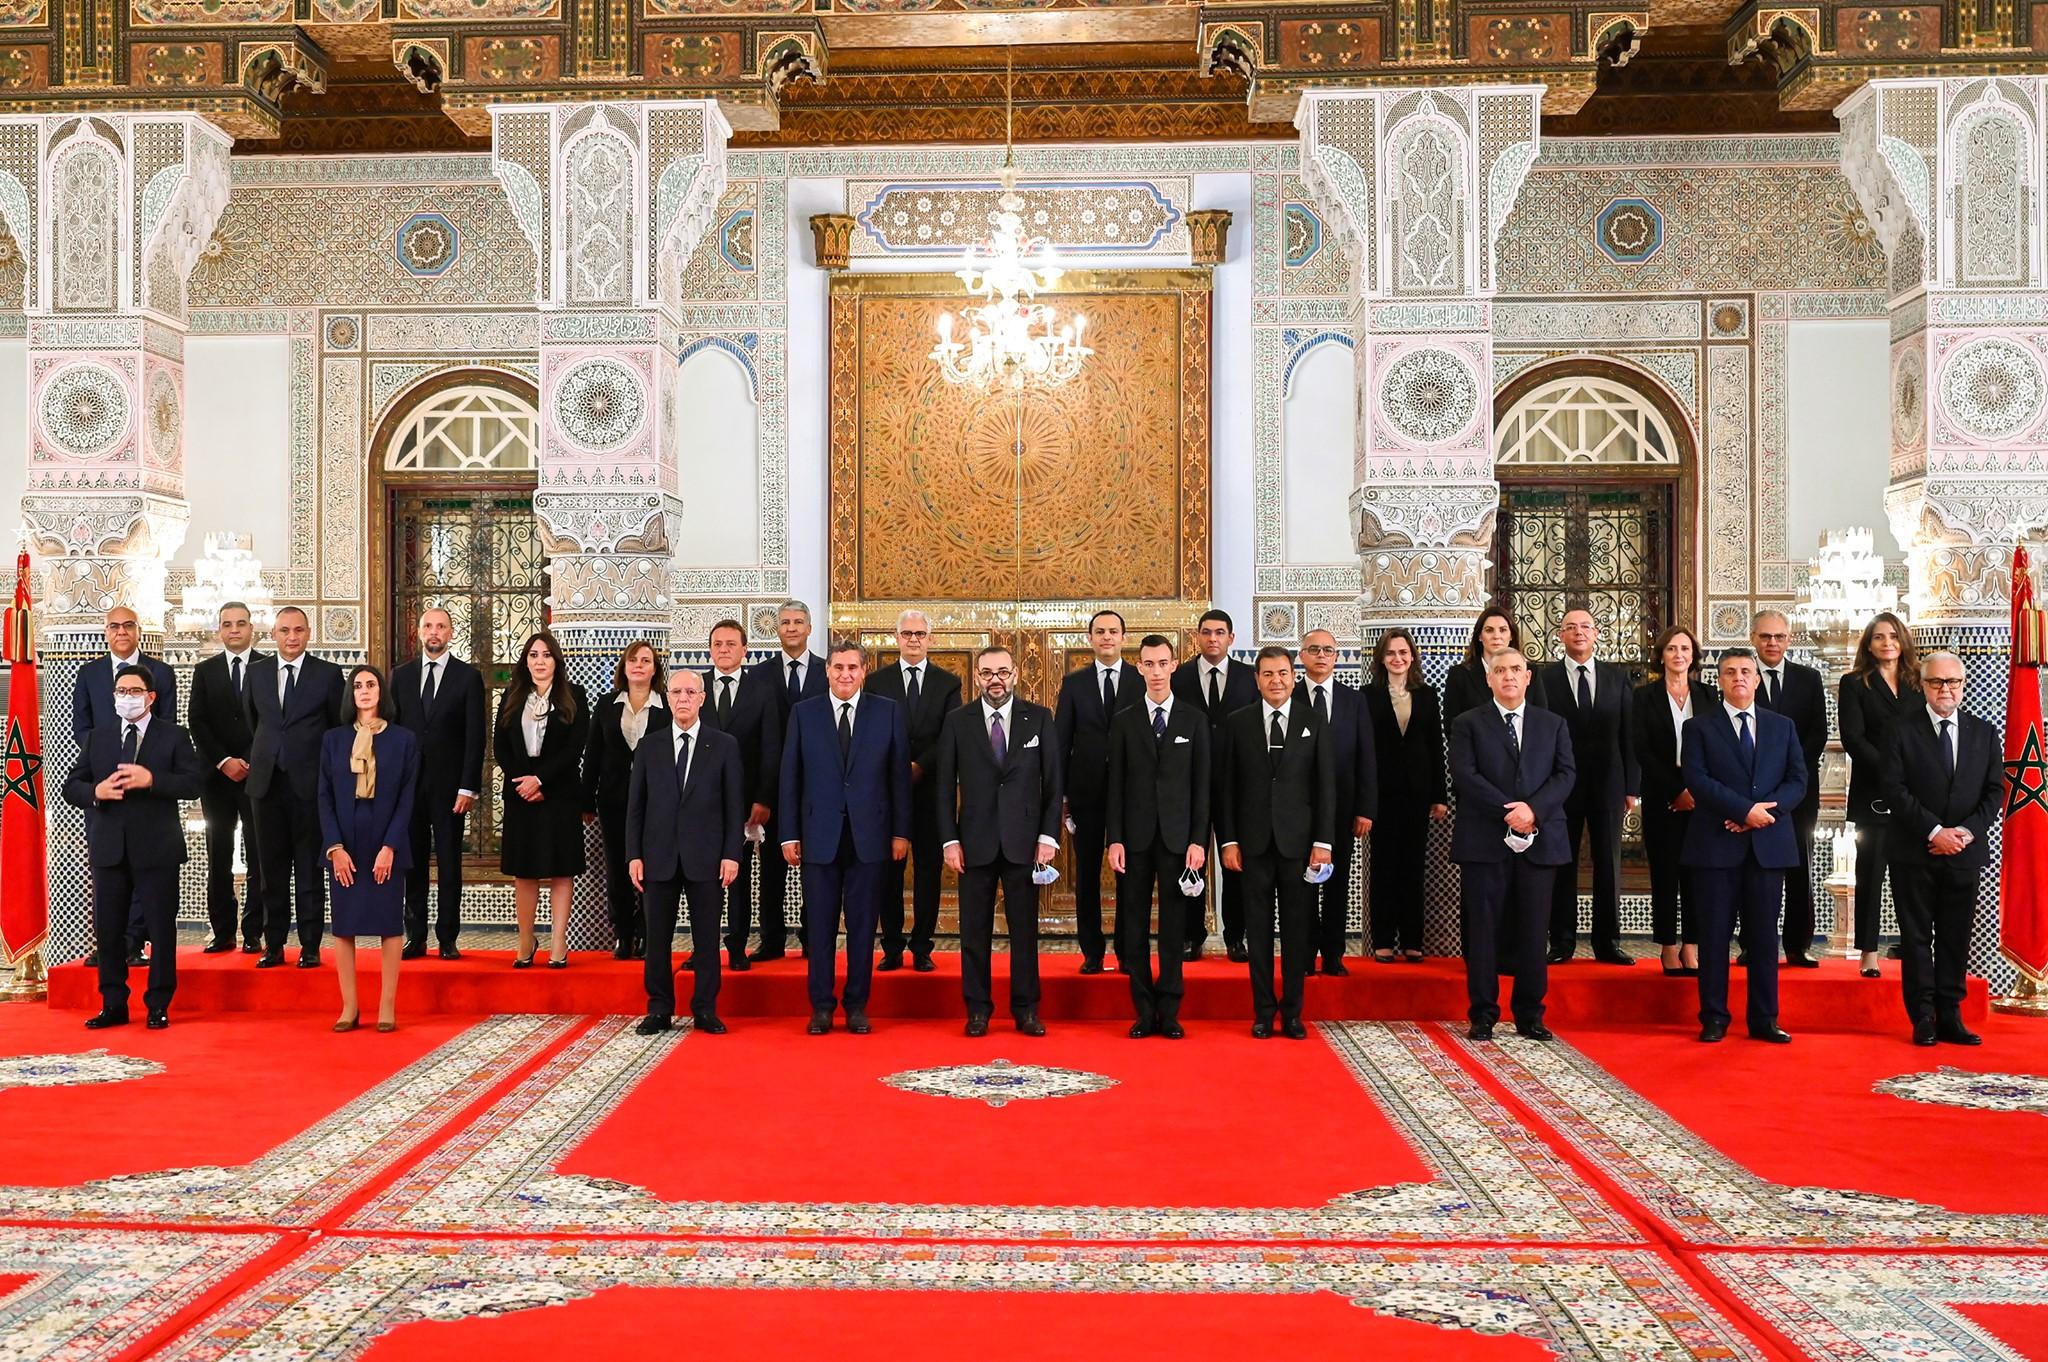 الحكومة الجديدة: بروفايلات مختصرة لأعضائها